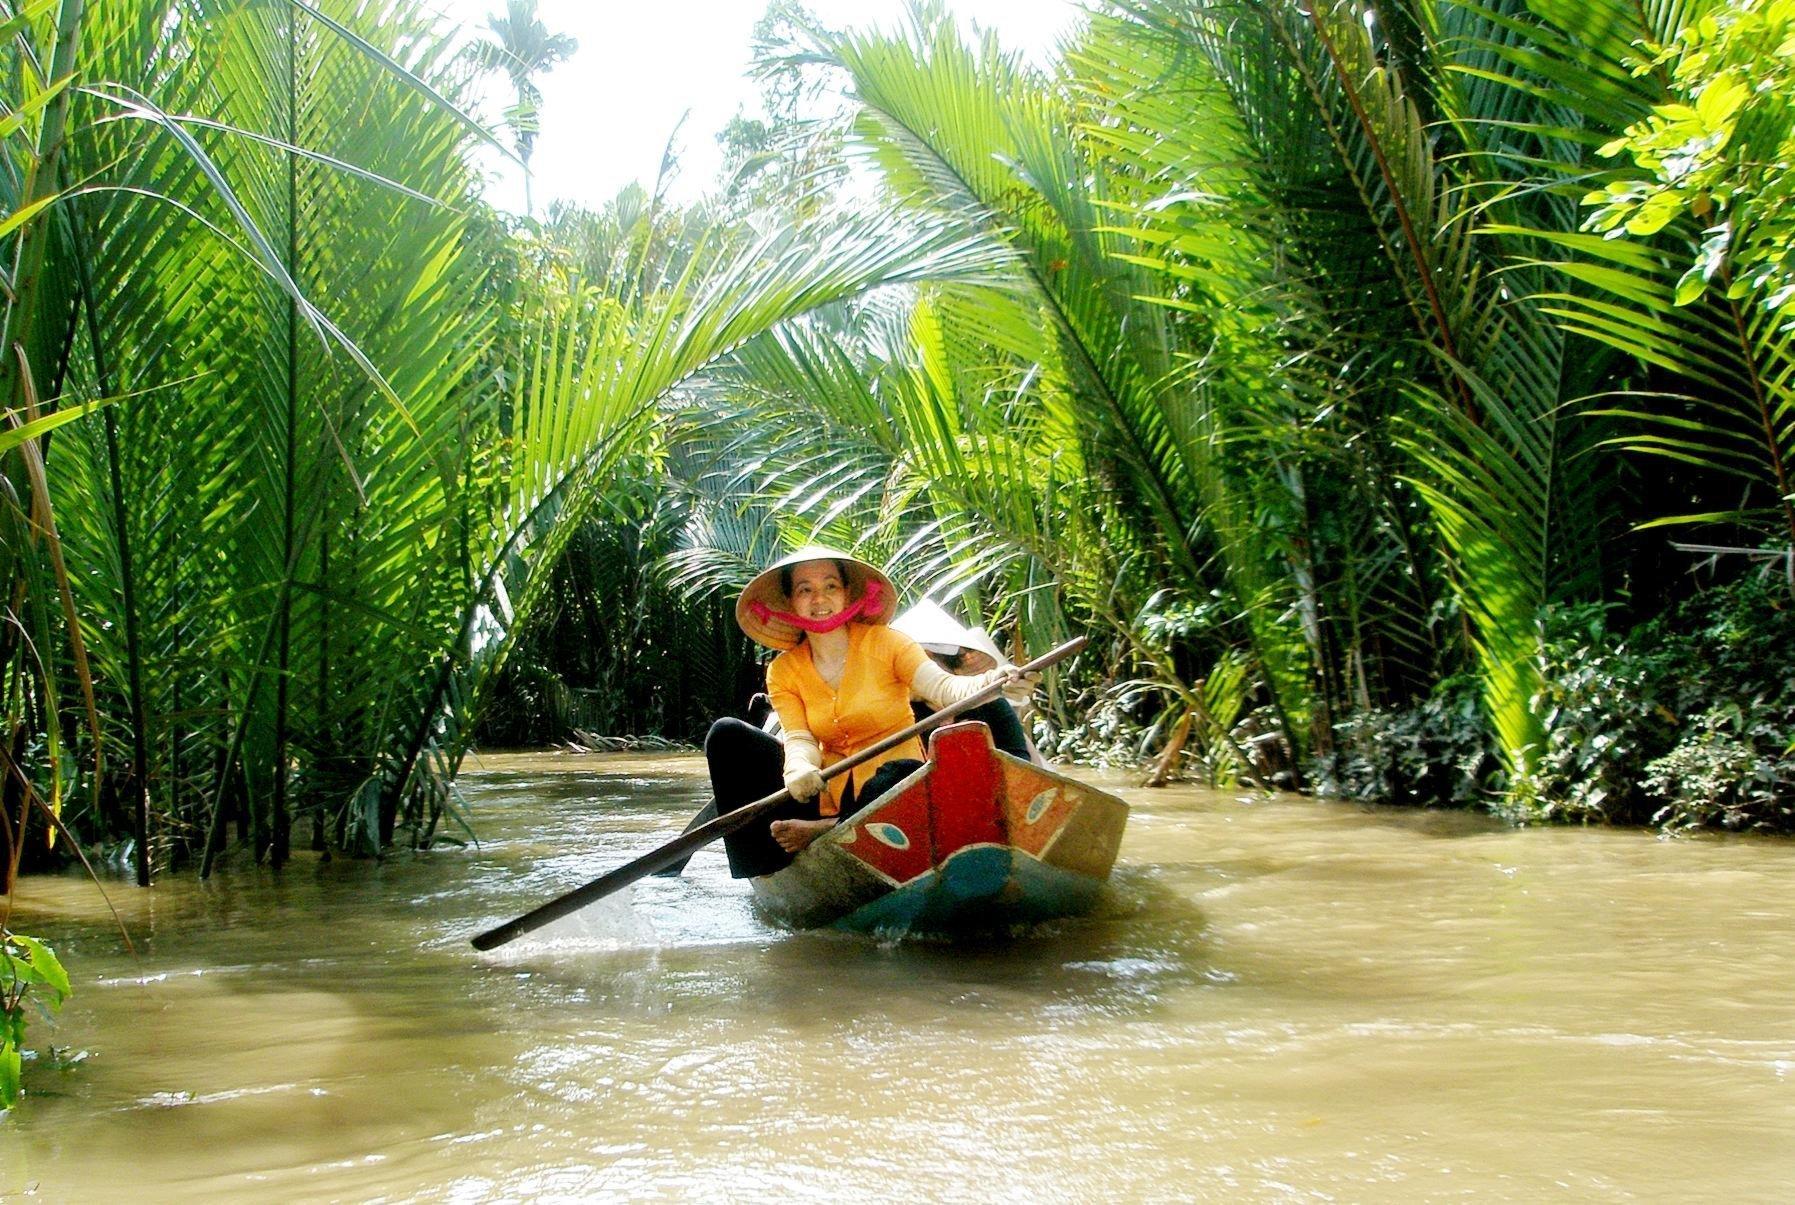 8-Day Sneak Peek of Vietnam - Vietnam Itinerary